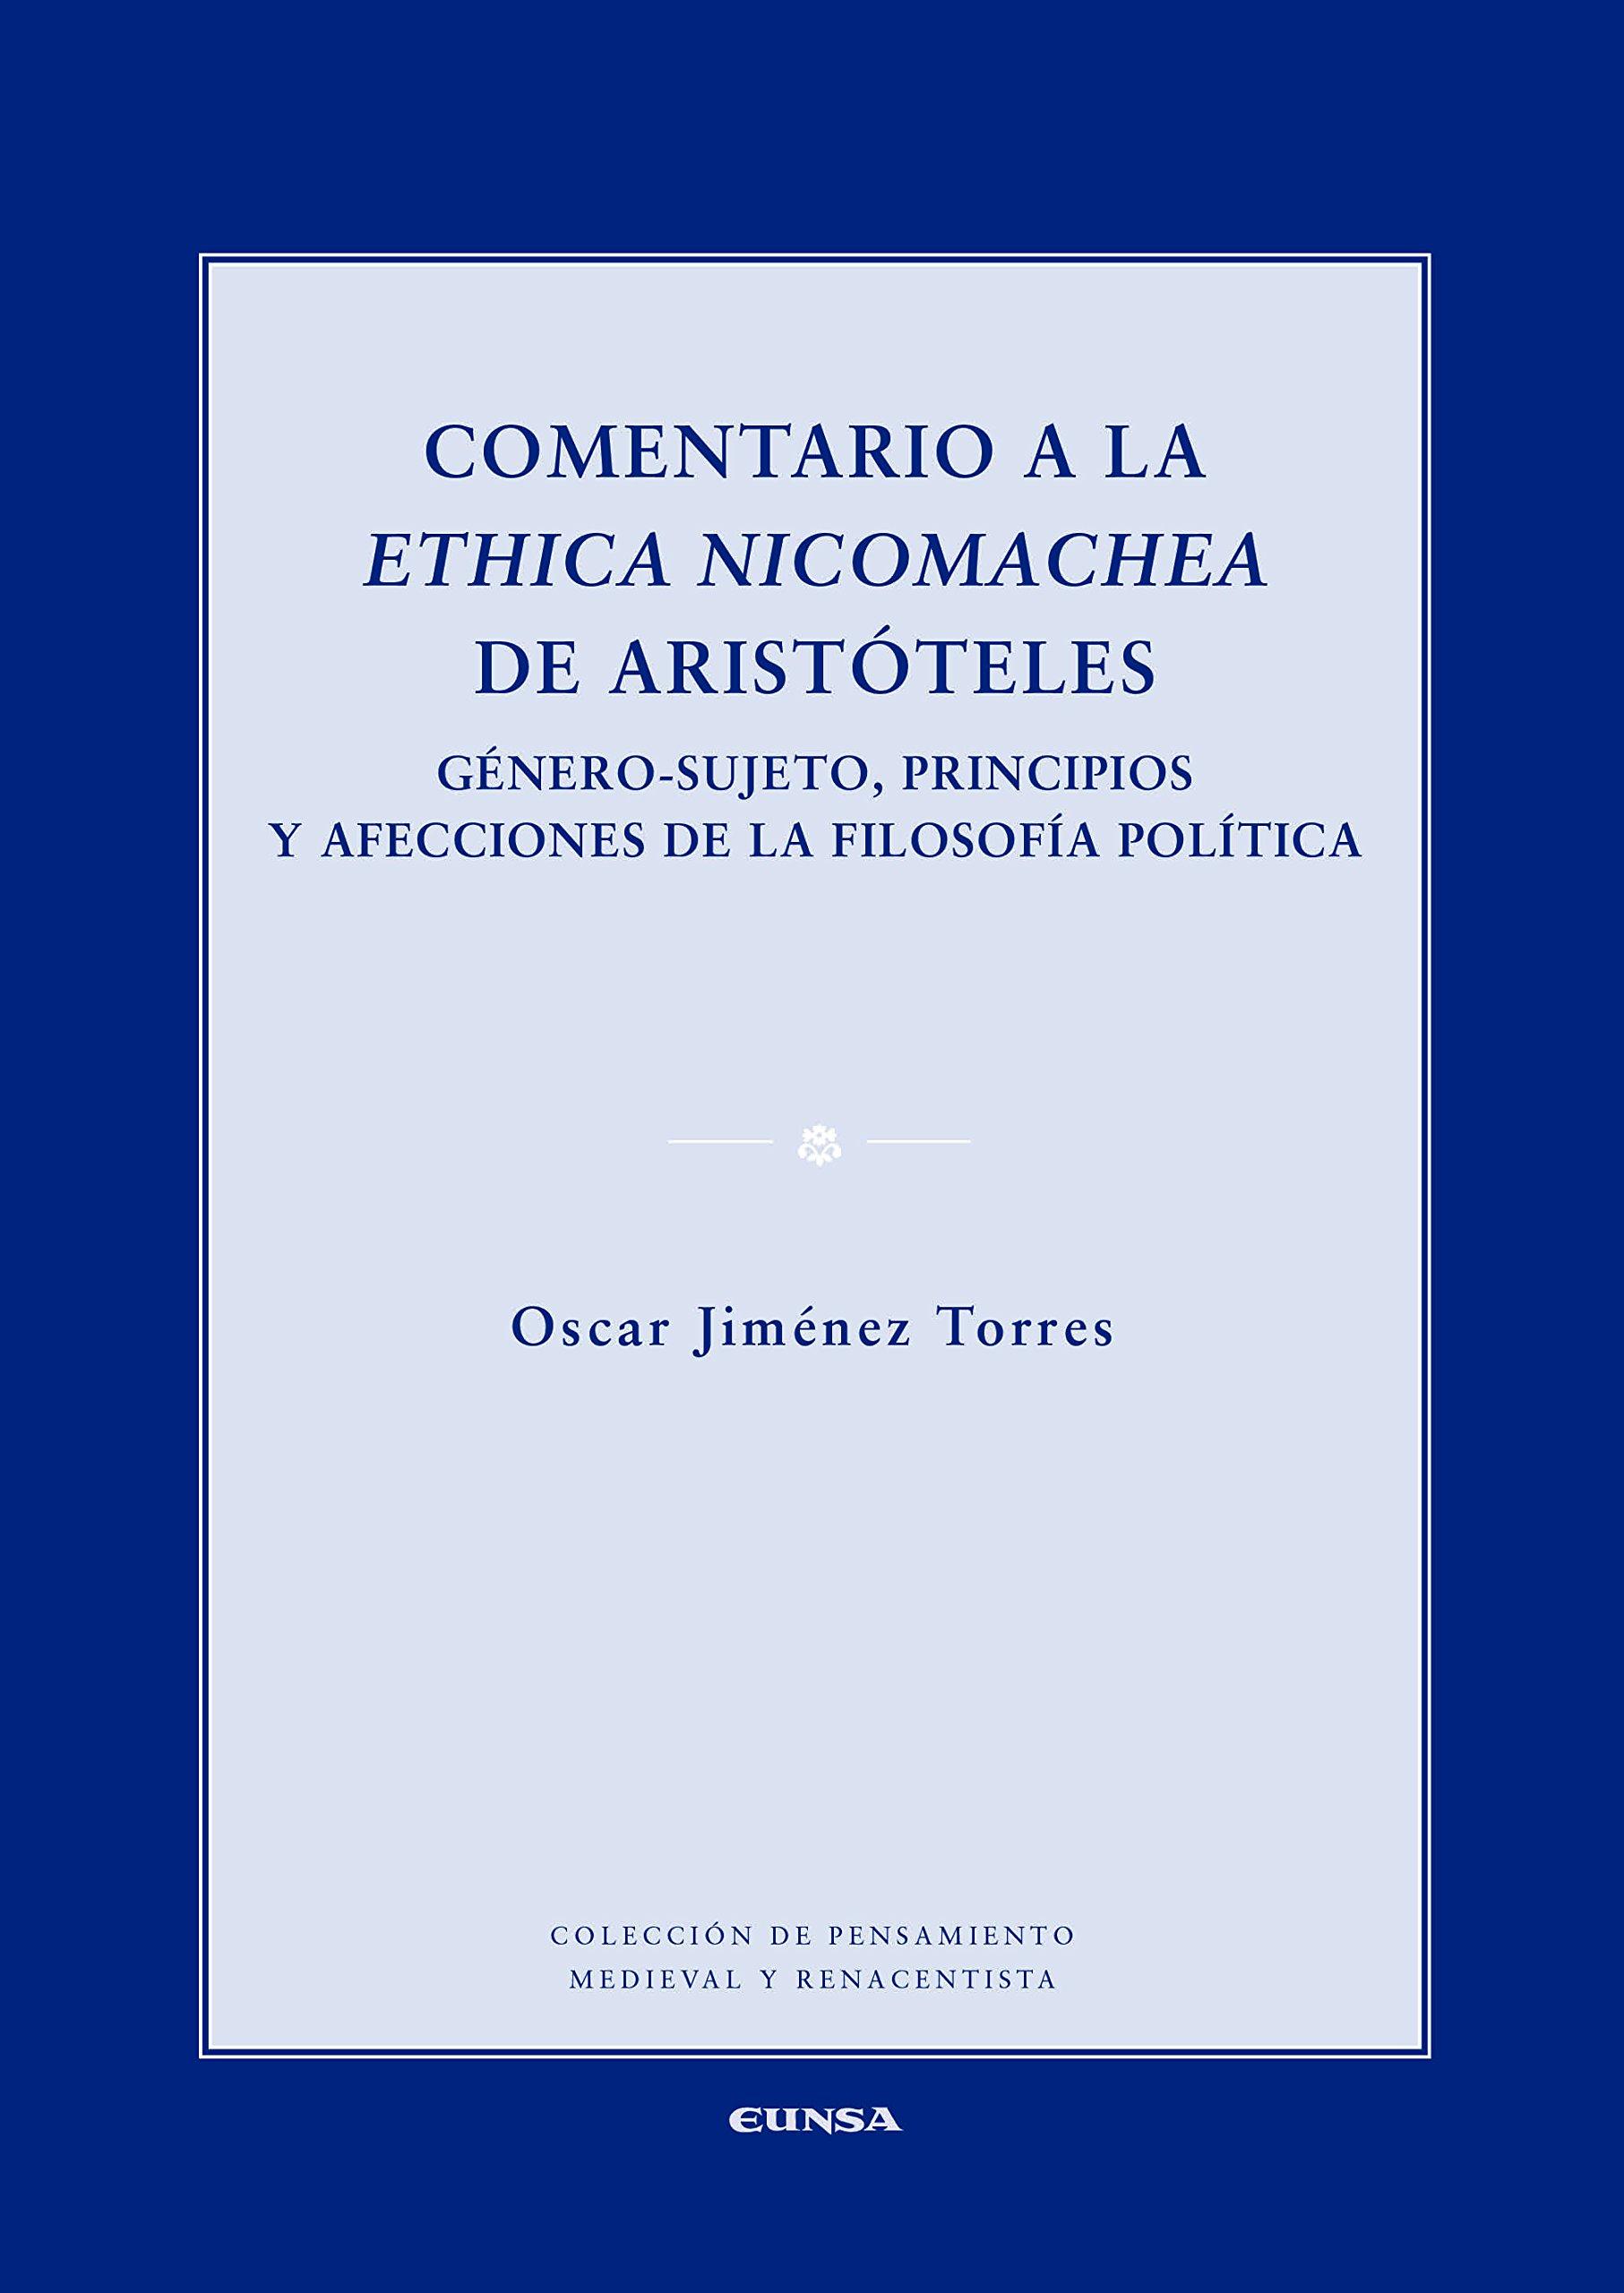 COMENTARIO A LA ETHICA NICOMACHEA DE ARISTOTELES Pensamiento Medieval y Renacentista: Amazon.es: Oscar Jiménez Torres: Libros